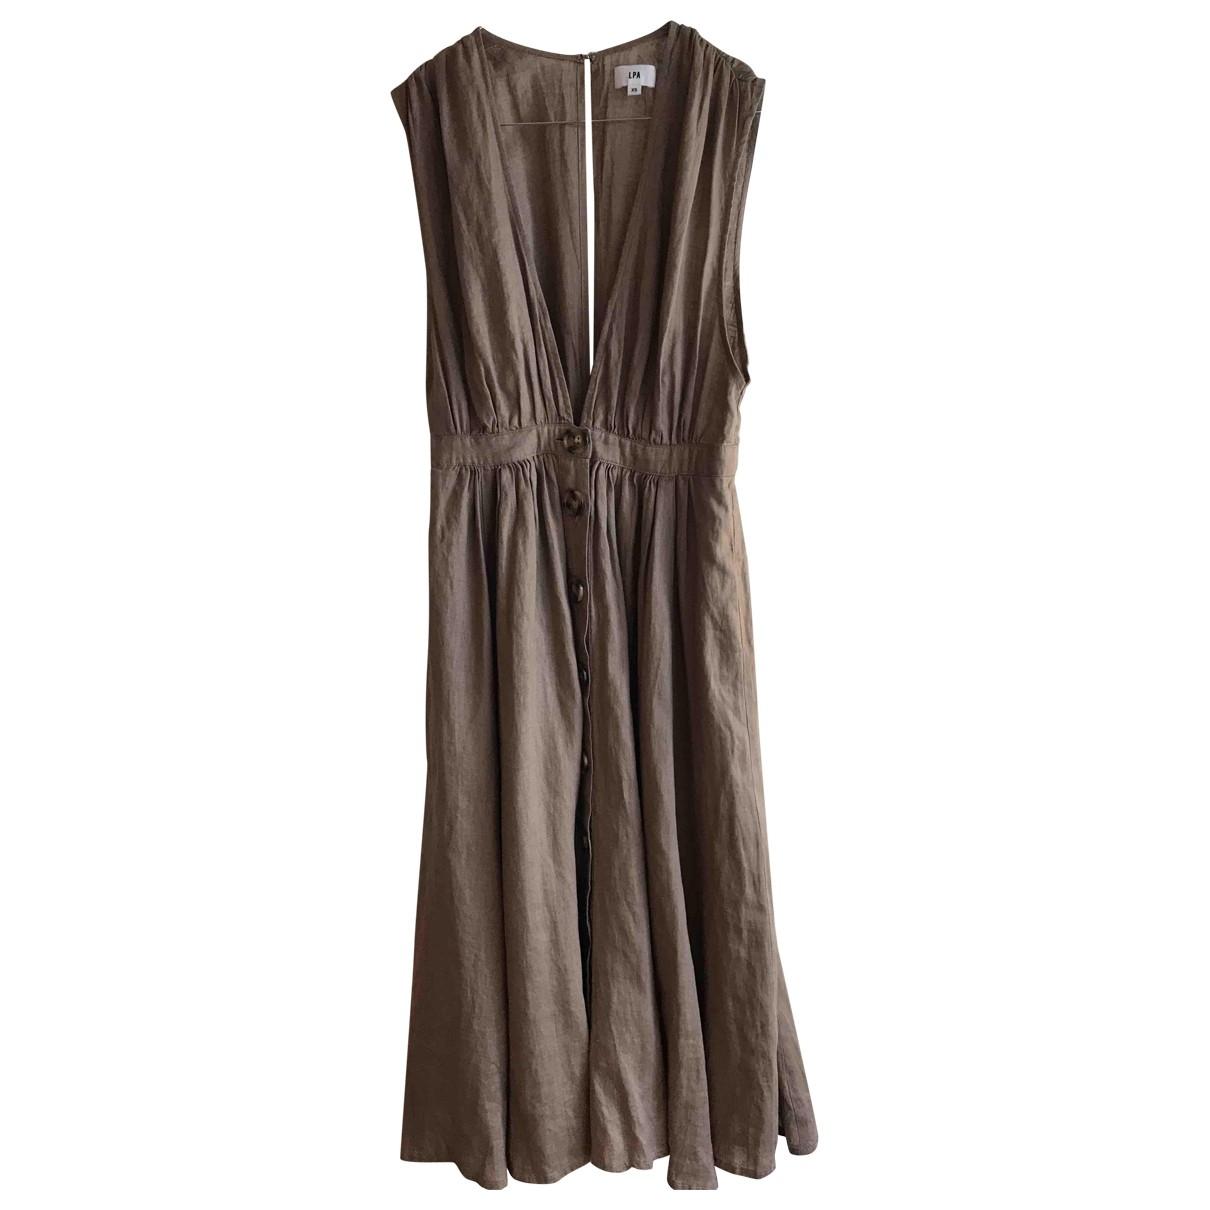 Lpa \N Kleid in  Kamel Leinen